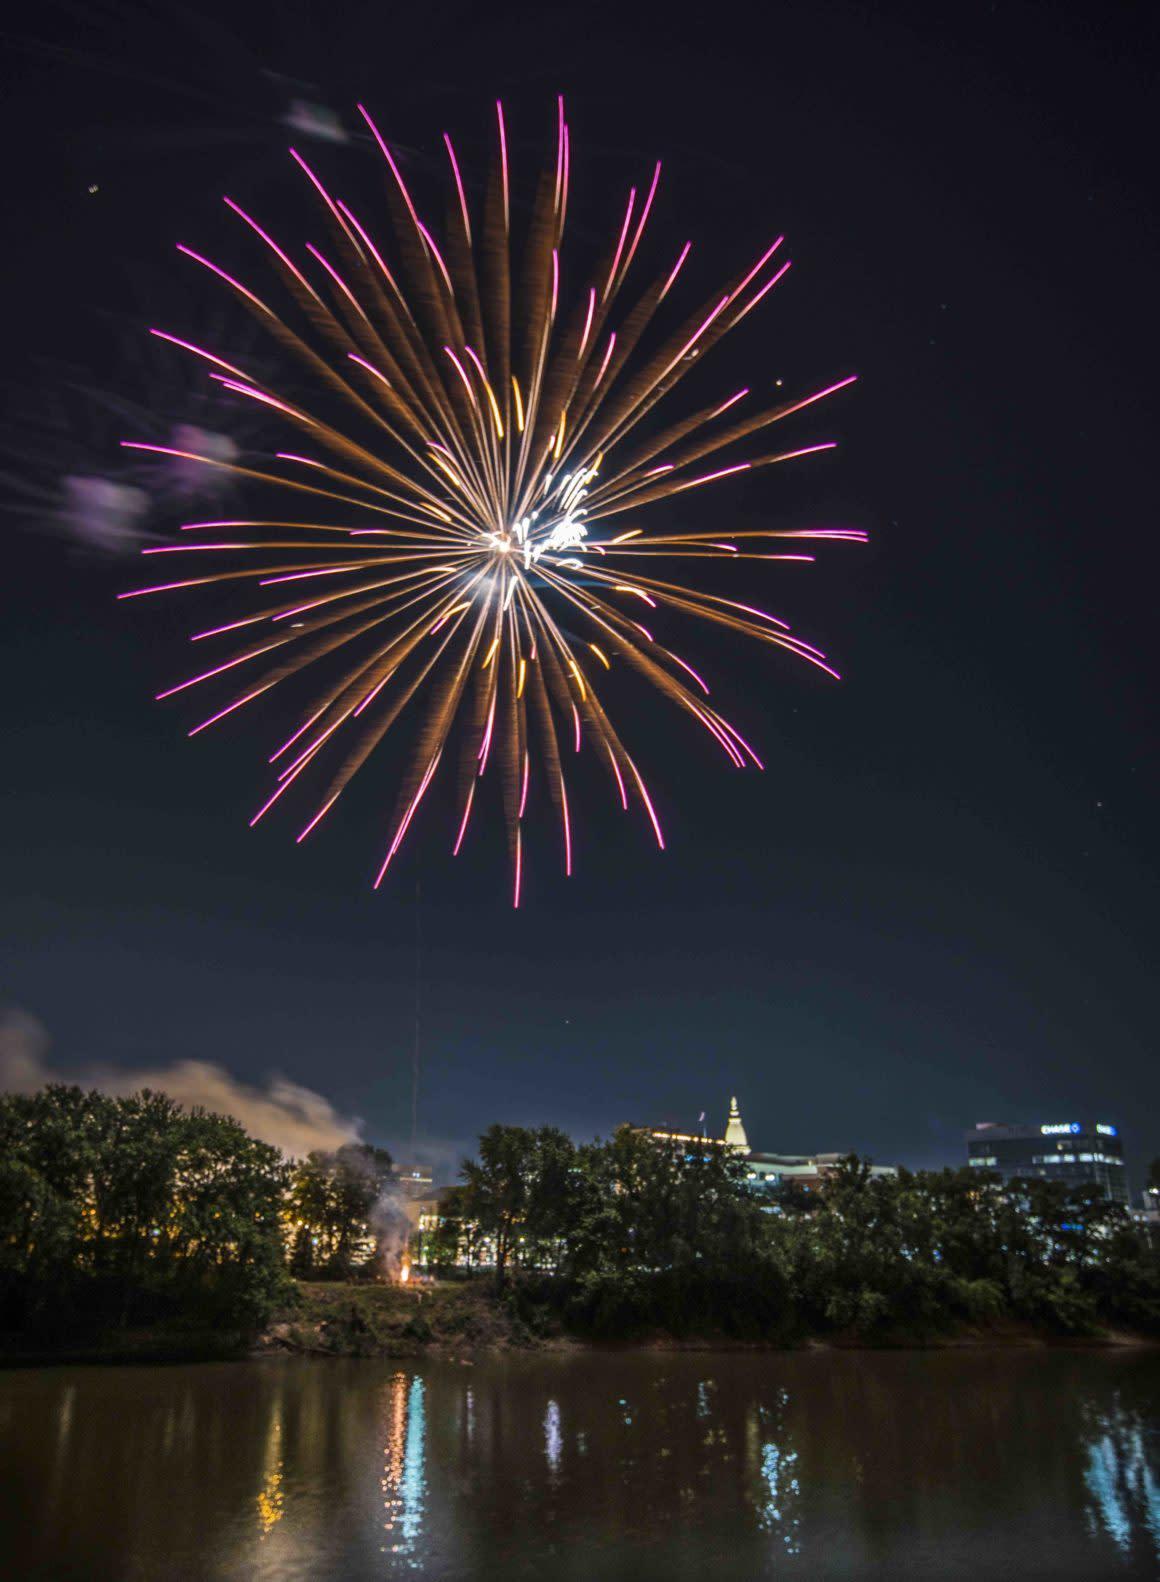 Taste of Tippecanoe Fireworks